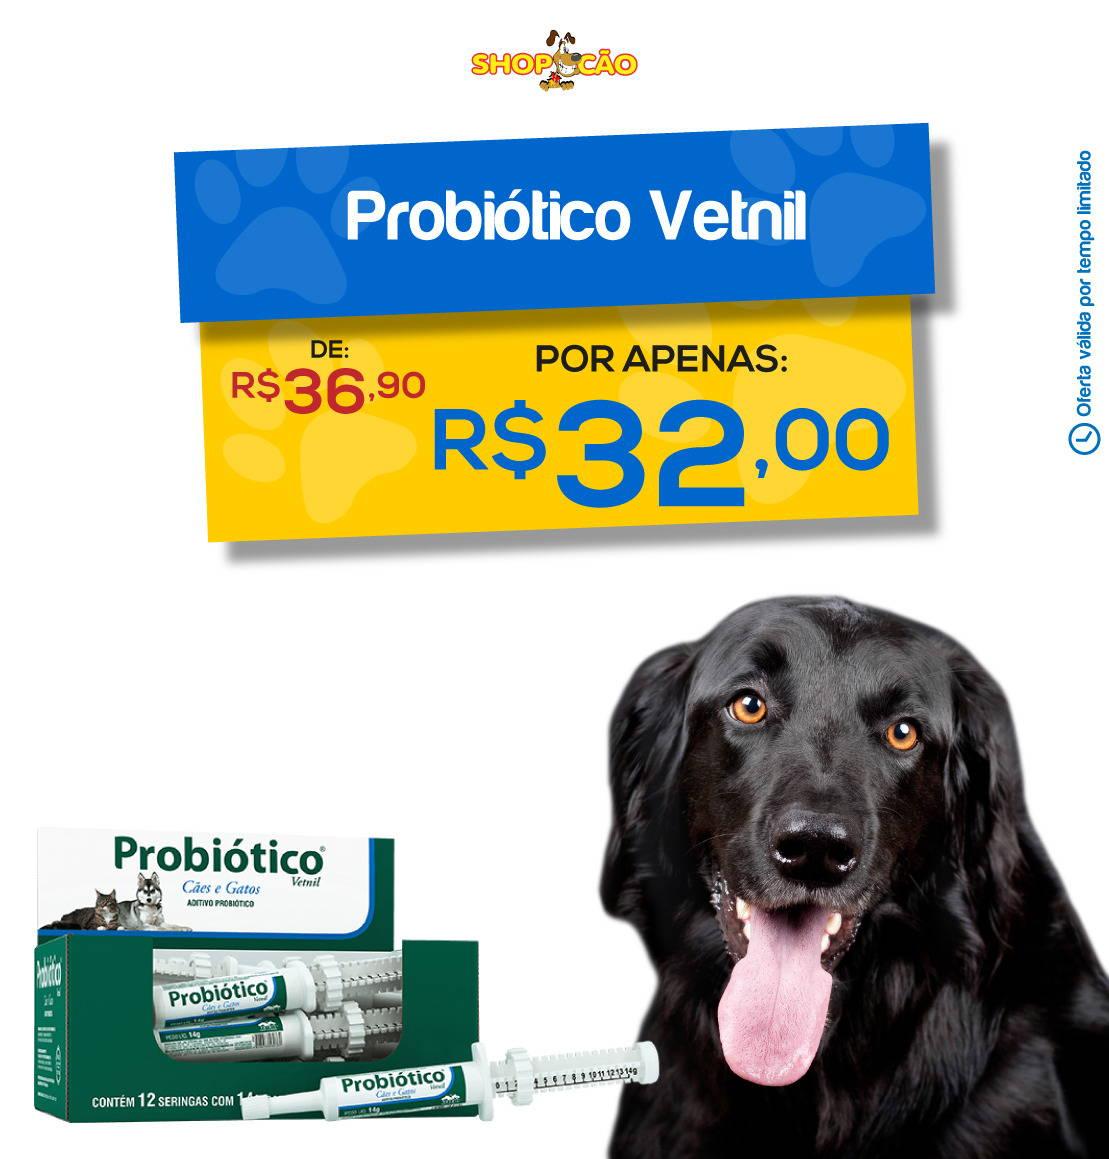 Probiotico Vetnil